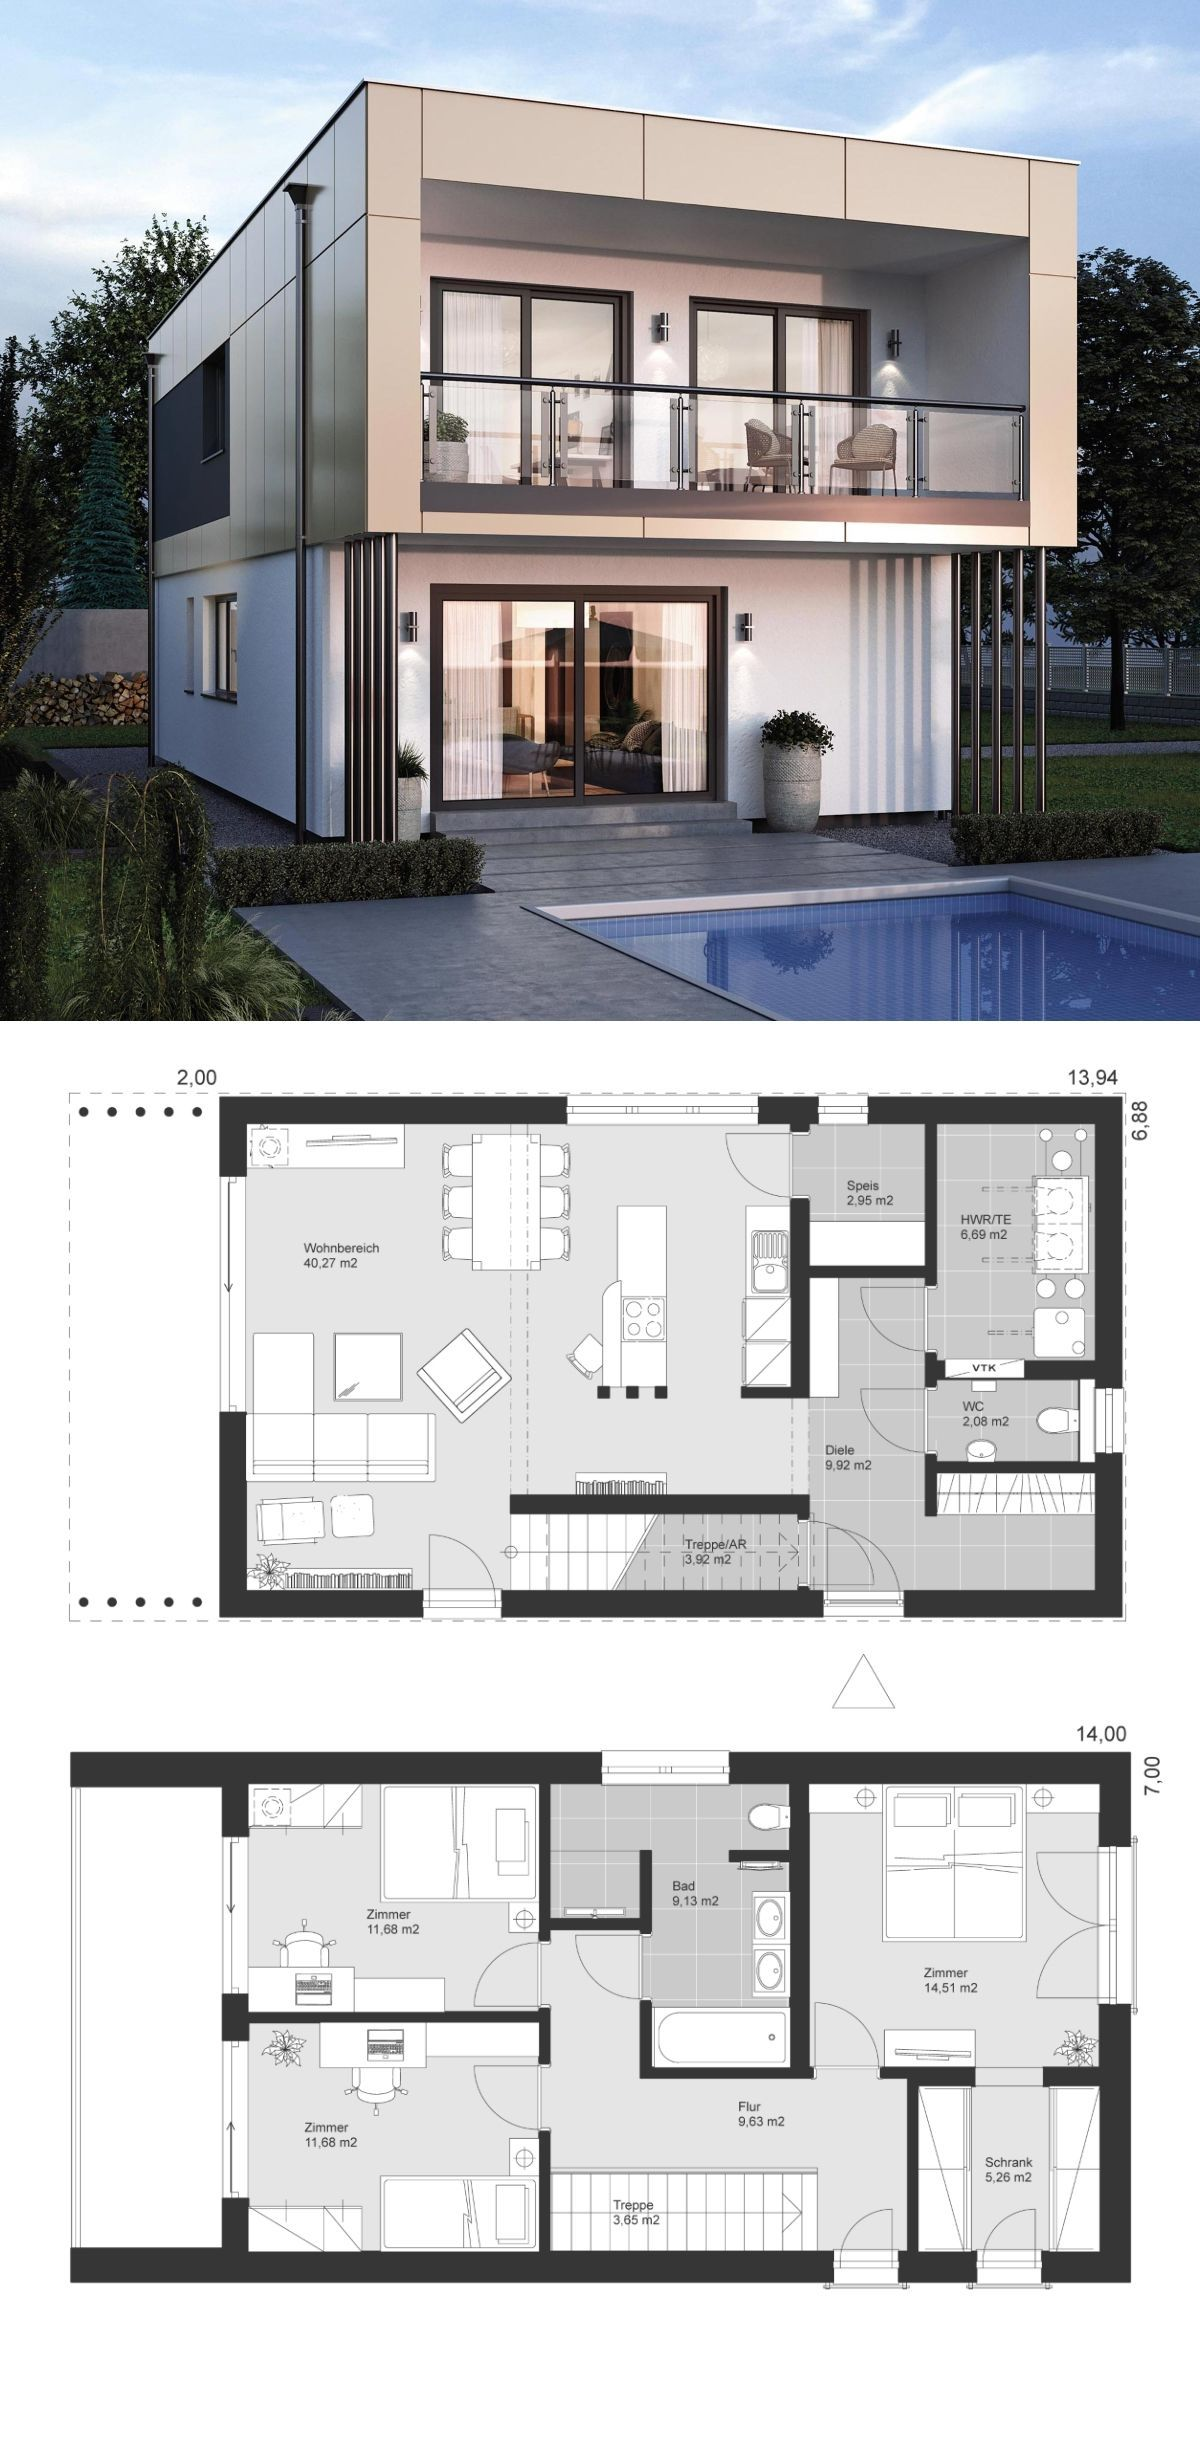 Haus flur design-ideen modern minimalist styles architecture design house plan ucelk haus